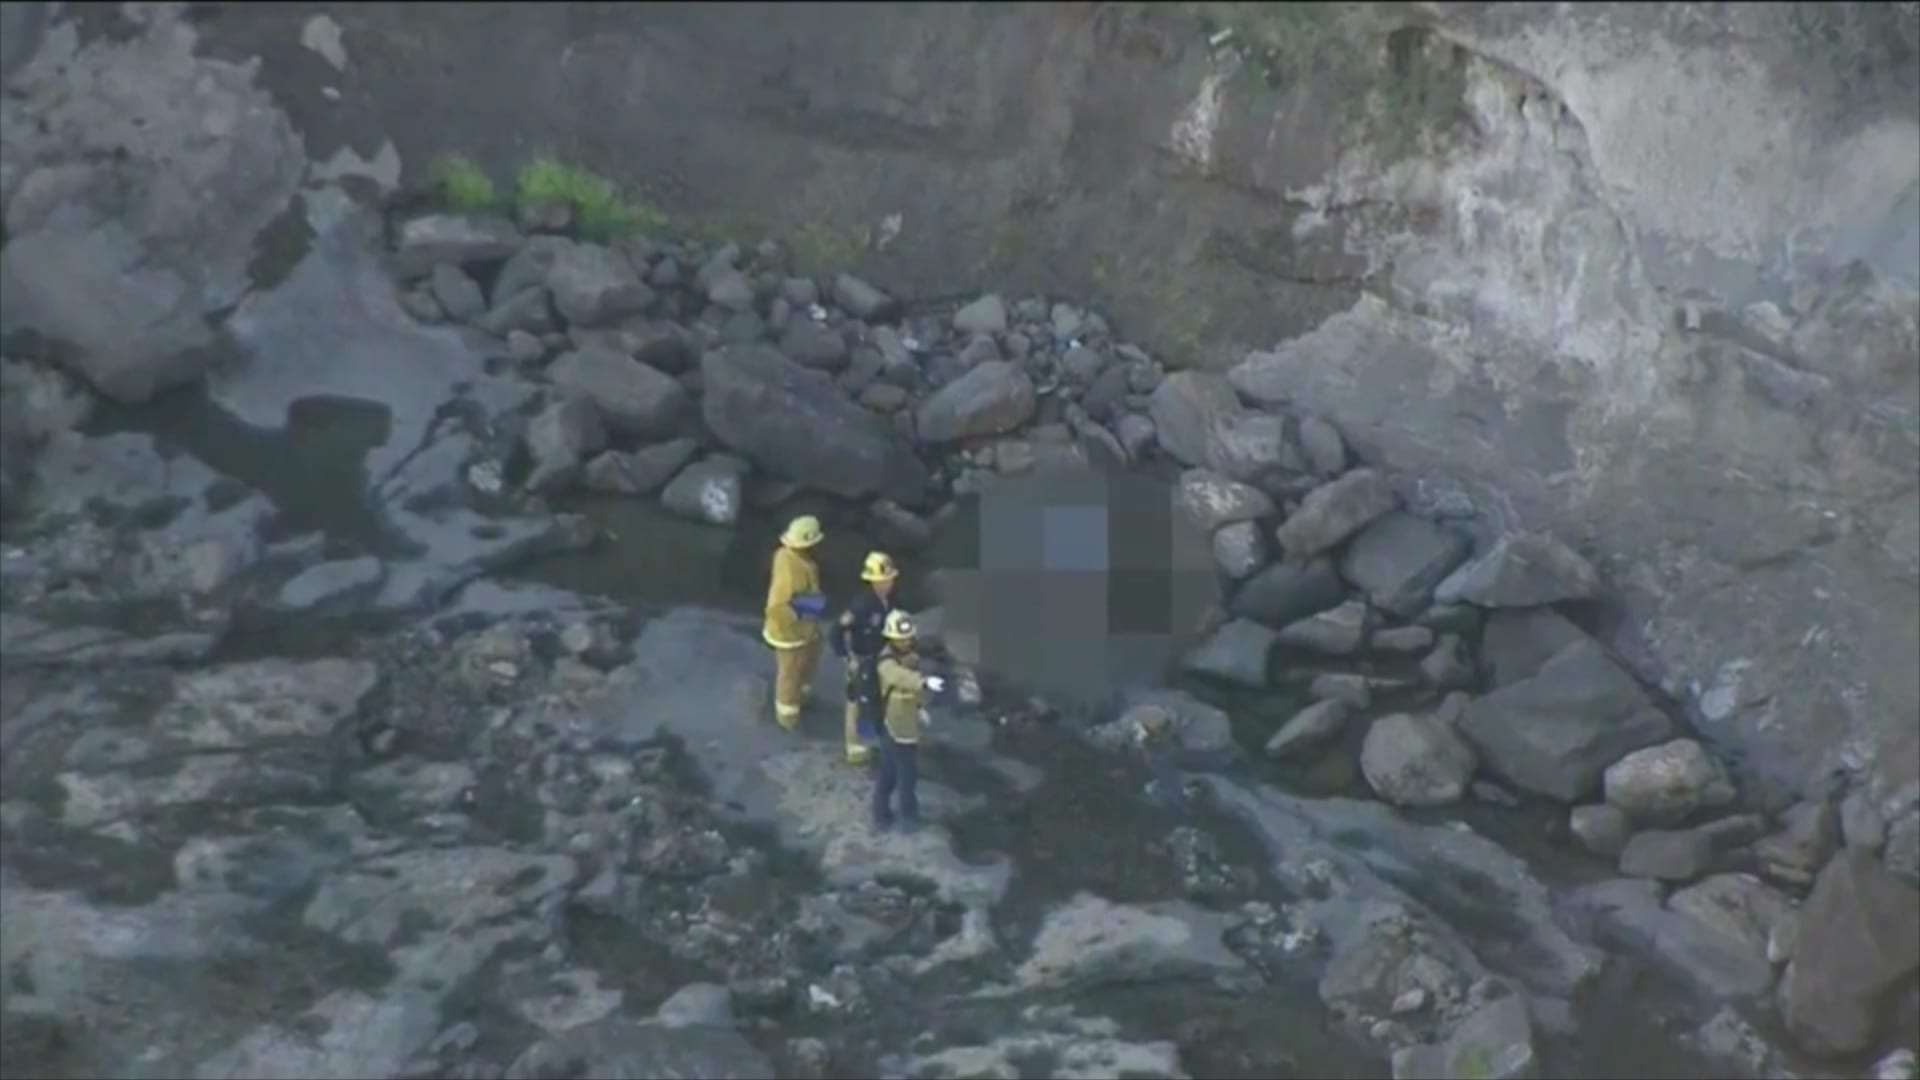 """""""مكان يُعرف للانتحار"""".. تحقيق بعد العثور على جثتين في جرف صخري بلوس أنجلوس"""